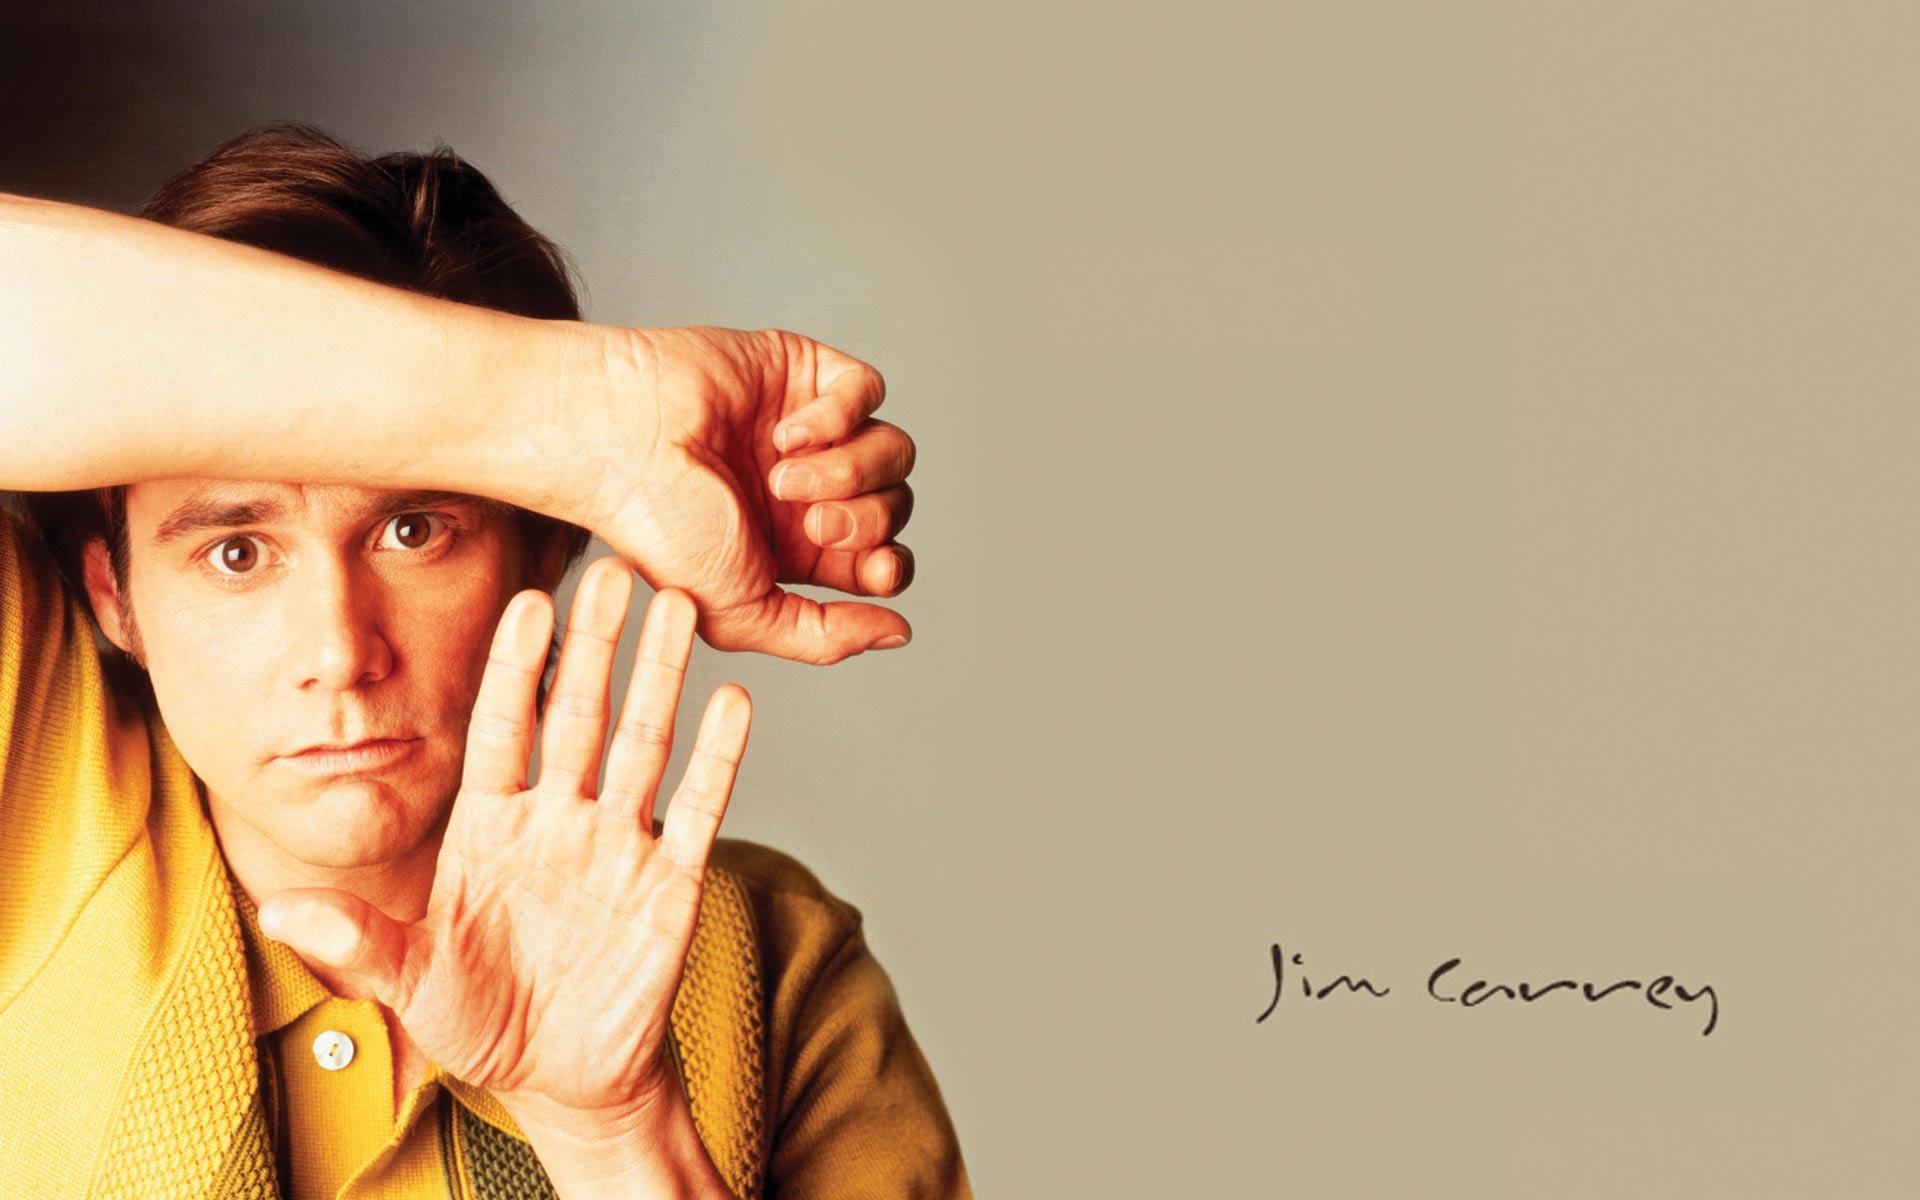 نگاهی به ده فیلم برتر جیم کری به بهانه تولدش